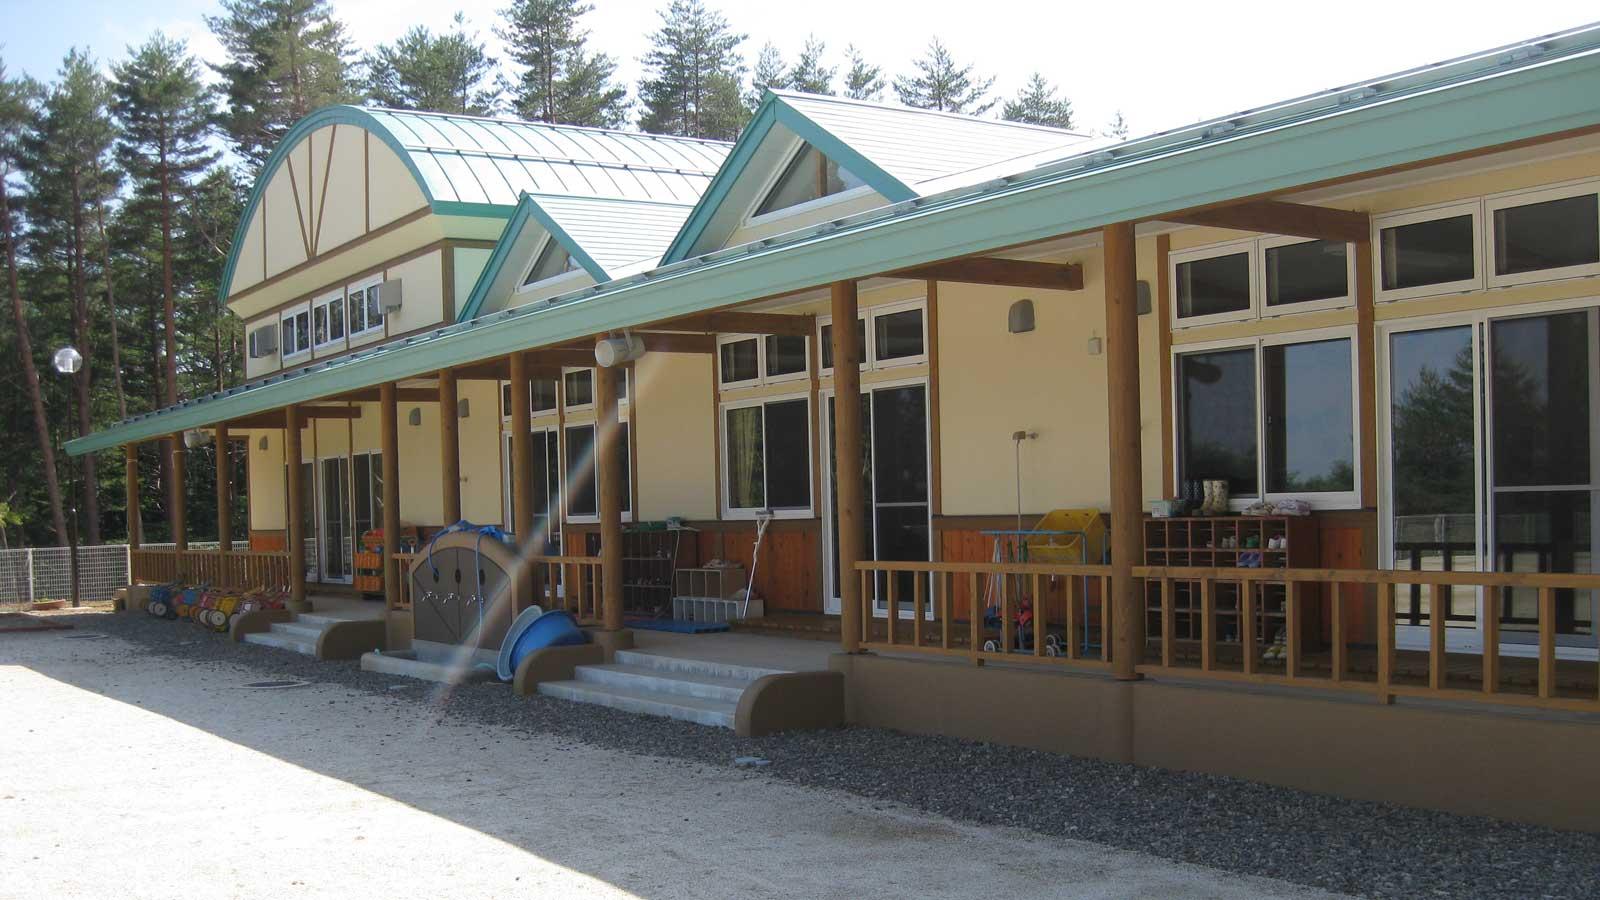 田野畑村立たのはた児童館